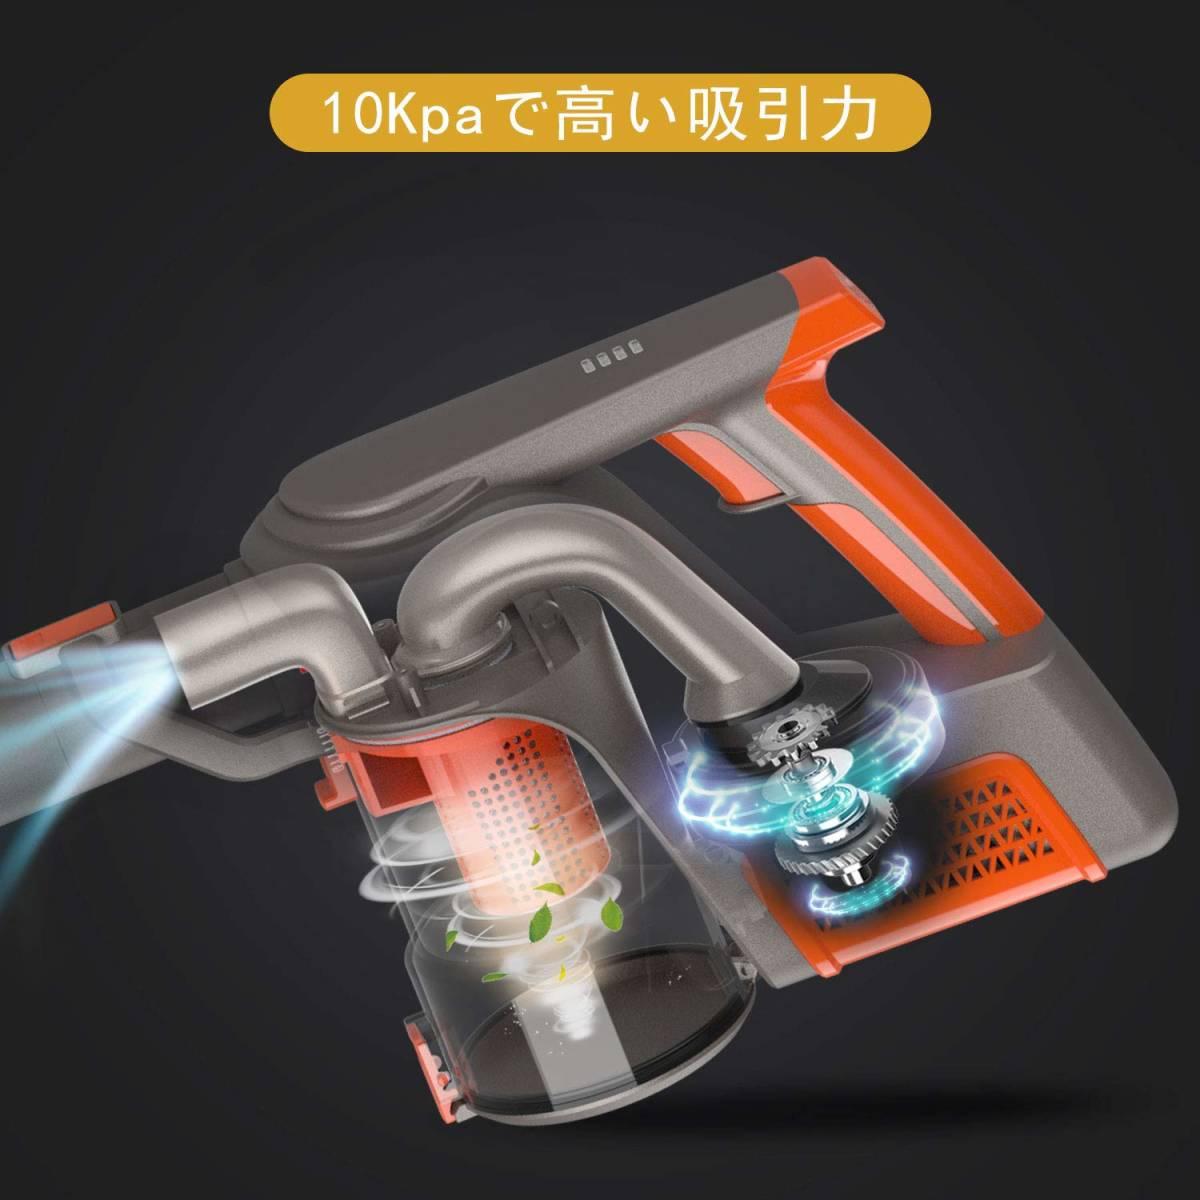 掃除機 コードレス サイクロン式 スティック掃除機 10KPa 強力吸引 強弱切替 ハンディクリーナー 2WAY 超軽量 静音操作 40分連続作業_画像5